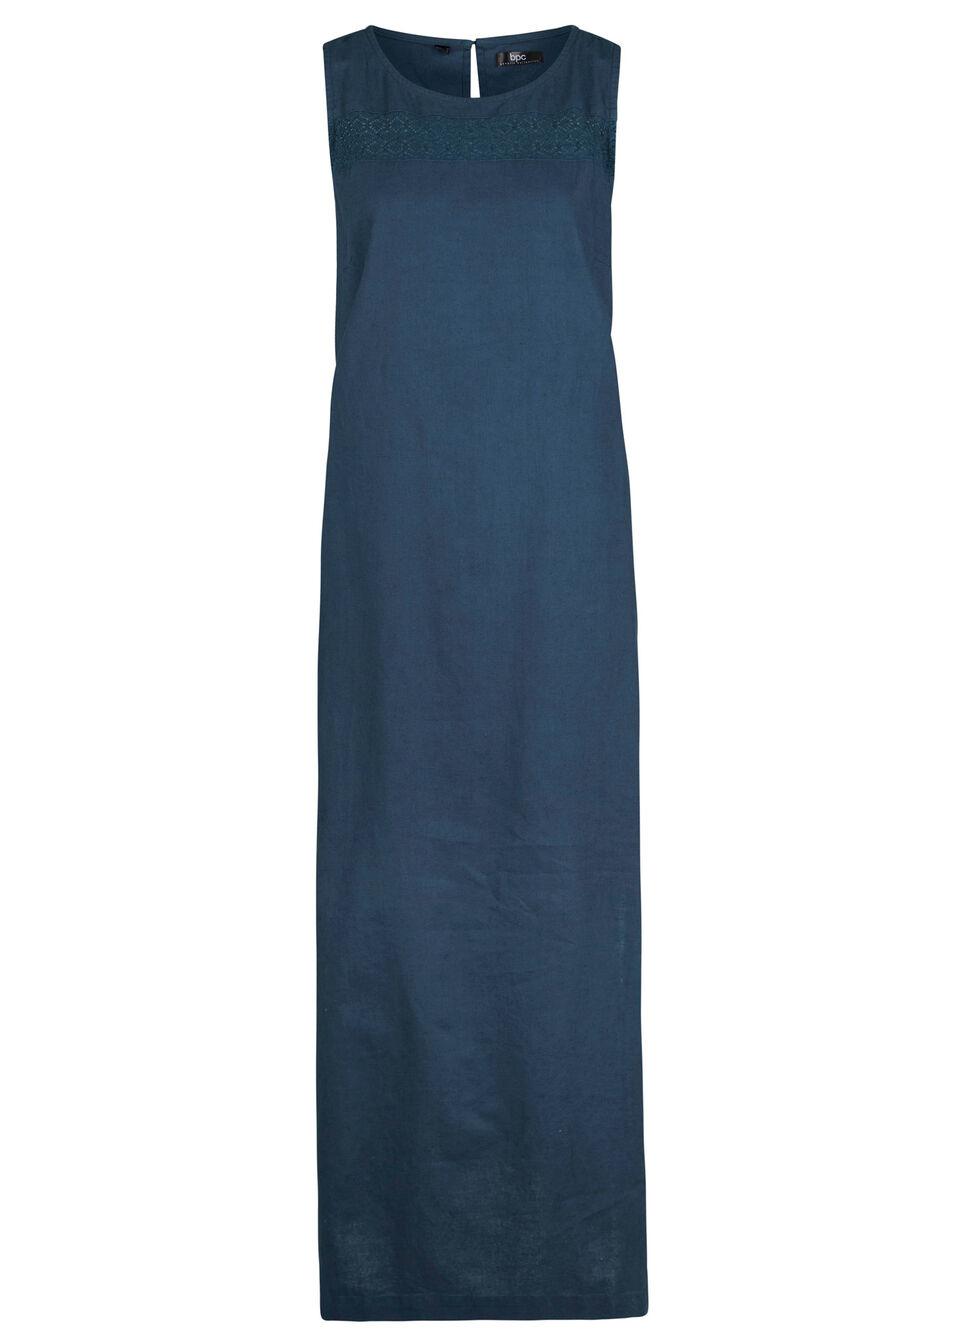 Sukienka lniana w ażurowy wzór, bez rękawów bonprix ciemnoniebieski